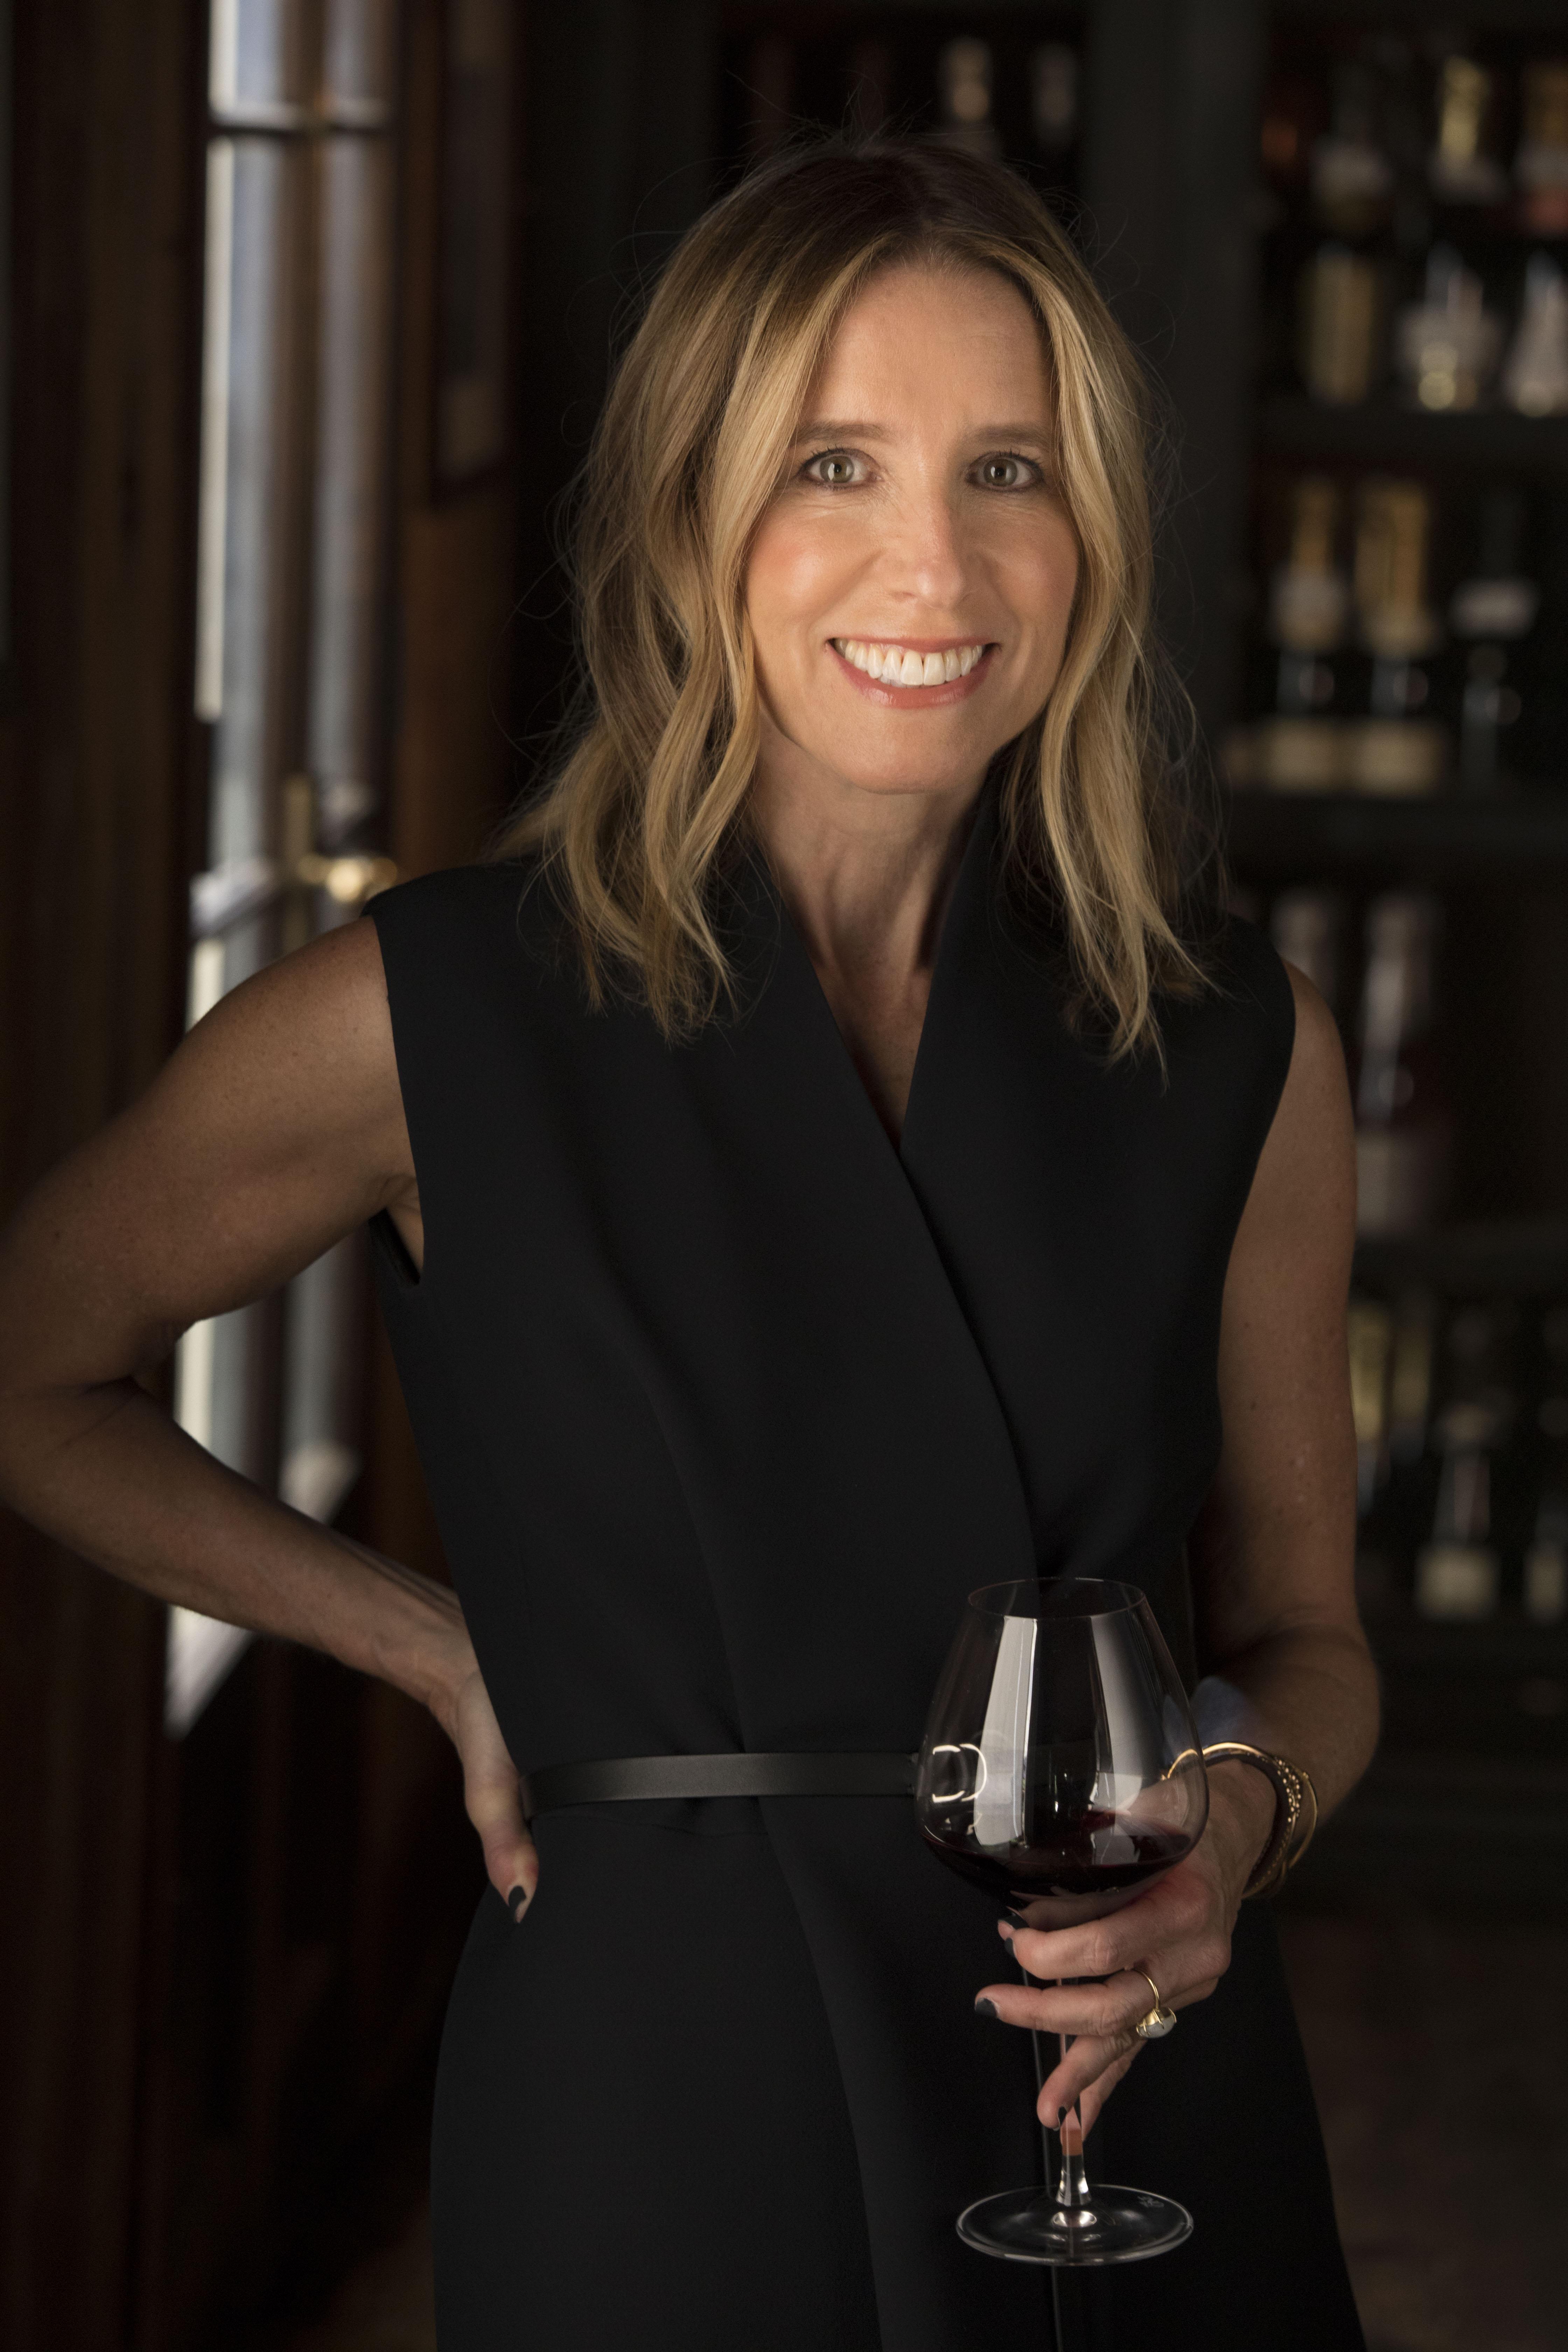 Caroline Styne with a glass of wine